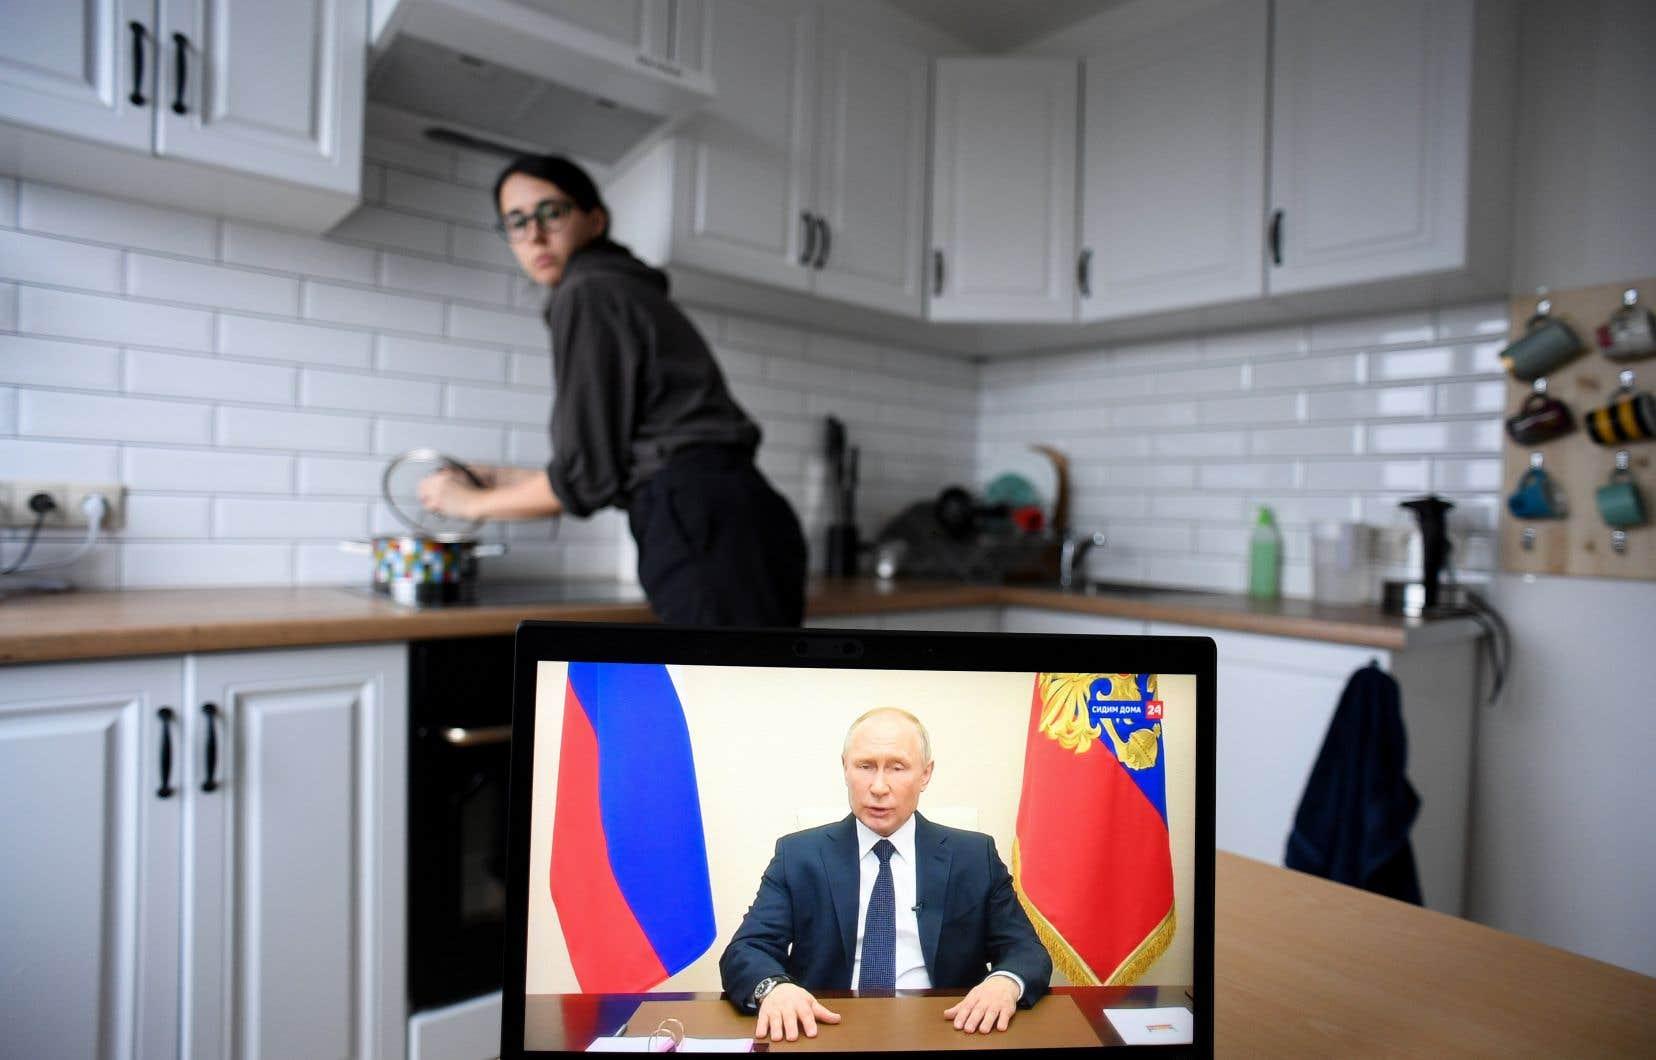 Le président russe, Vladimir Poutine, a participé à une deuxième intervention télévisée sur la pandémie en un peu plus d'une semaine.